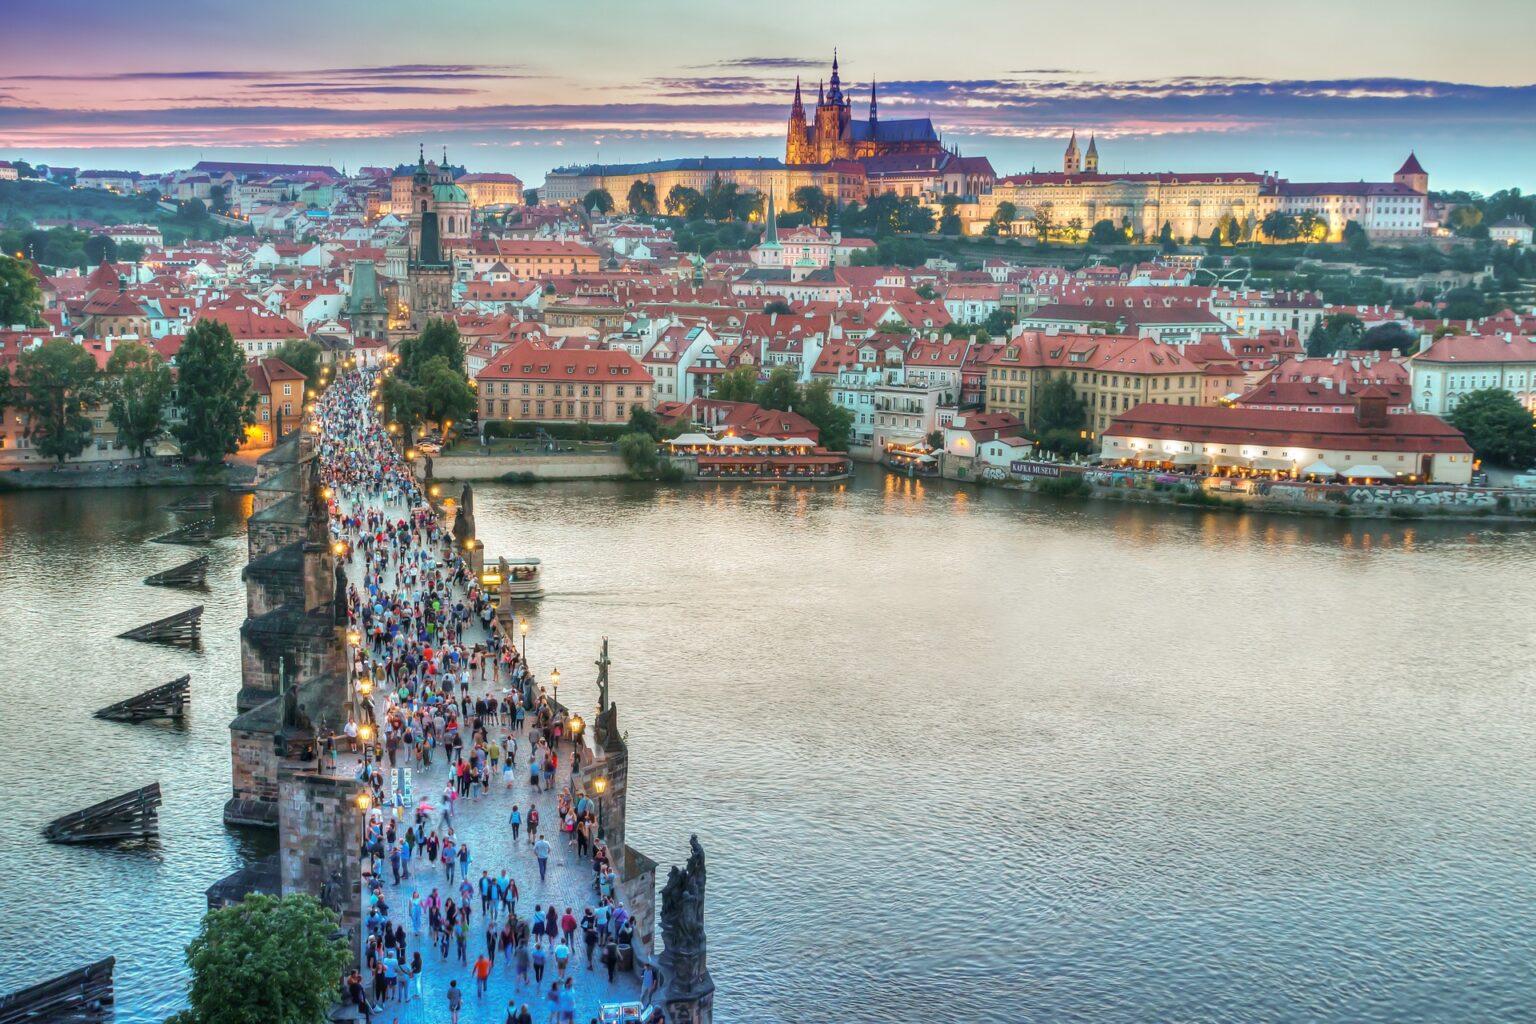 Hvad skal du se i Prag? Se 5 ting du skal lave